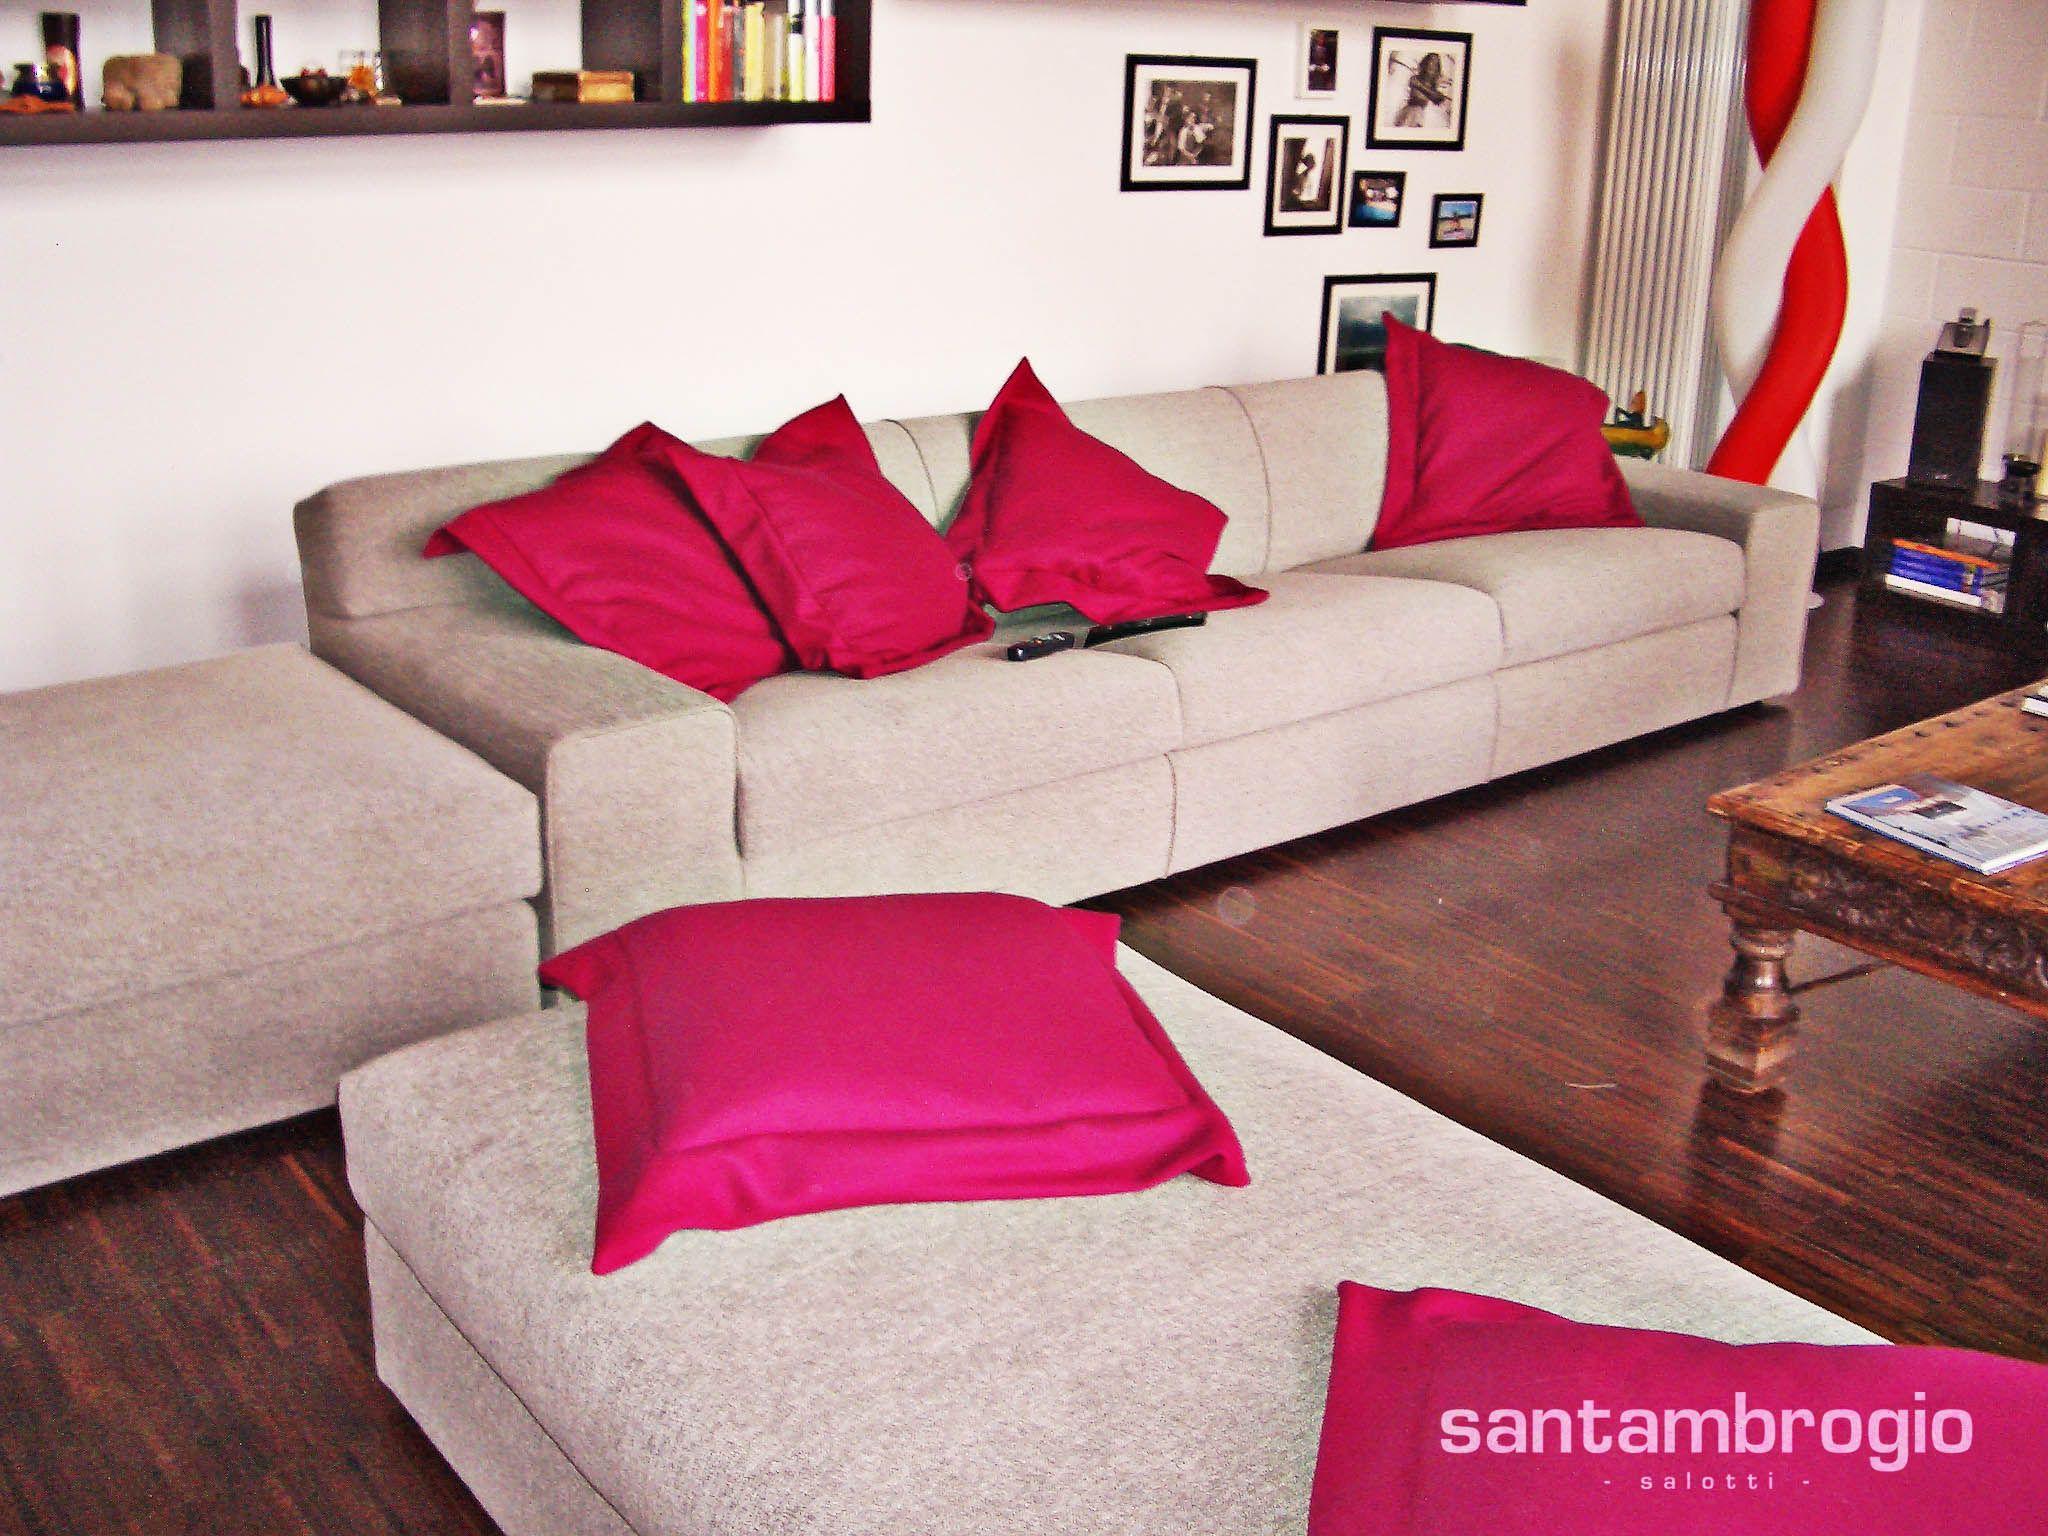 Fabbrica divani milano divani su misura a roma fabbrica for Fabbrica divani